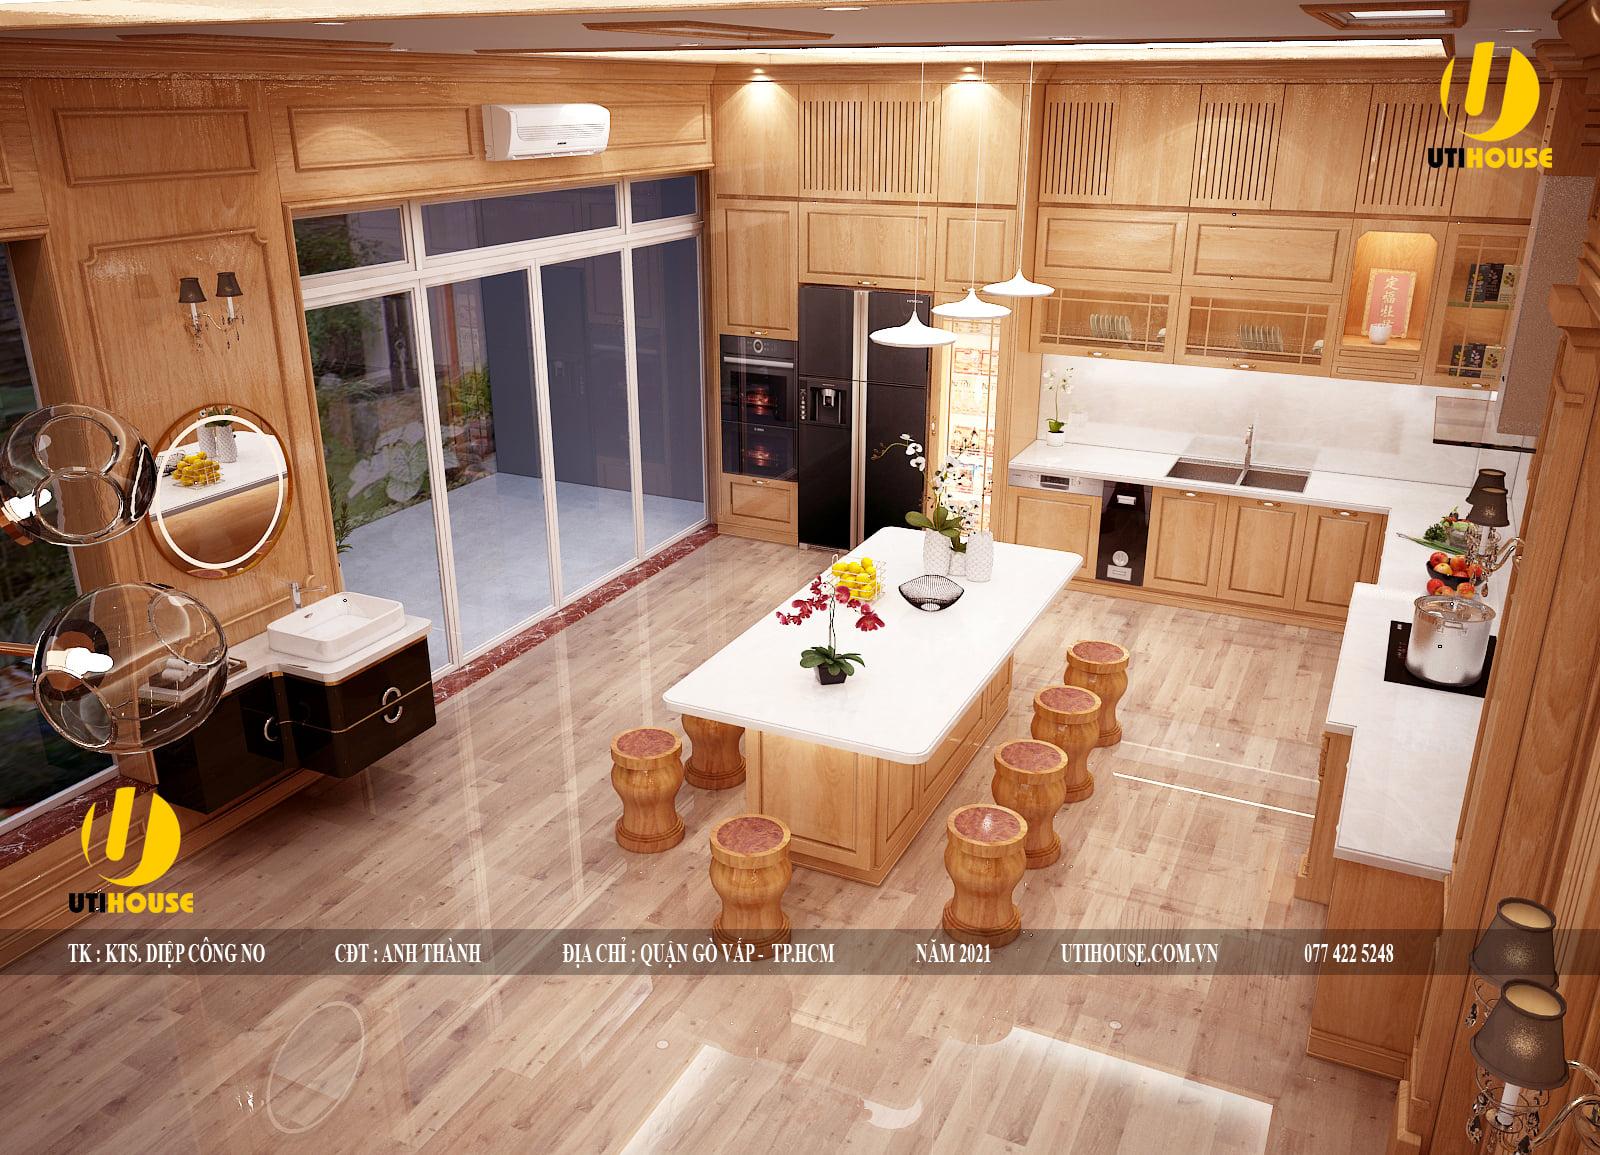 Ý tưởng thiết kế nội thất nhà bếp biệt thự đẹp và độc đáo